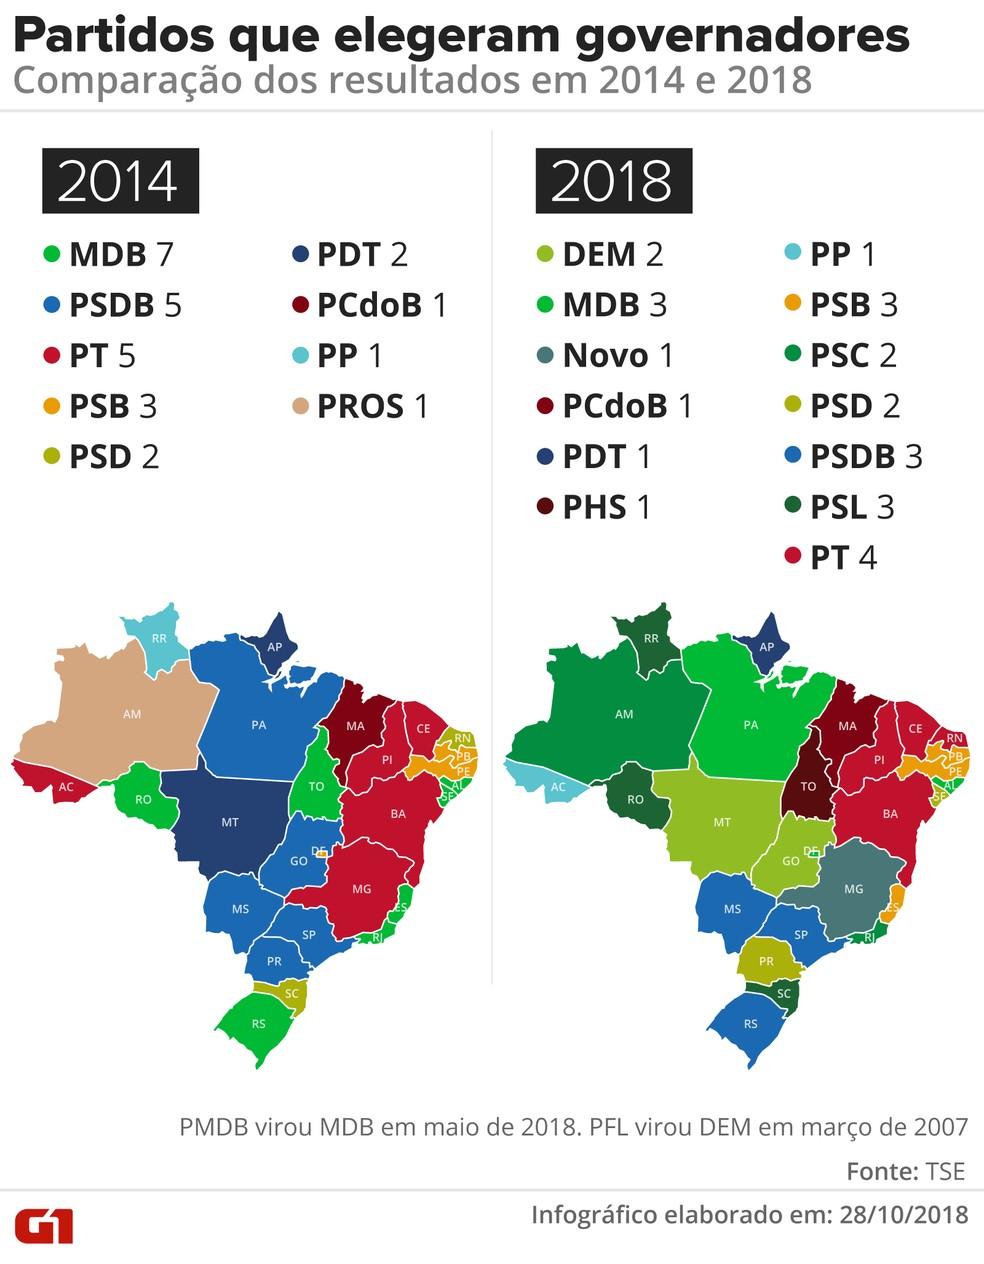 Partidos que elegeram governadores: comparação dos resultados em 2014 e 2018 — Foto: G1 / Alexandre Mauro e Igor Estrella